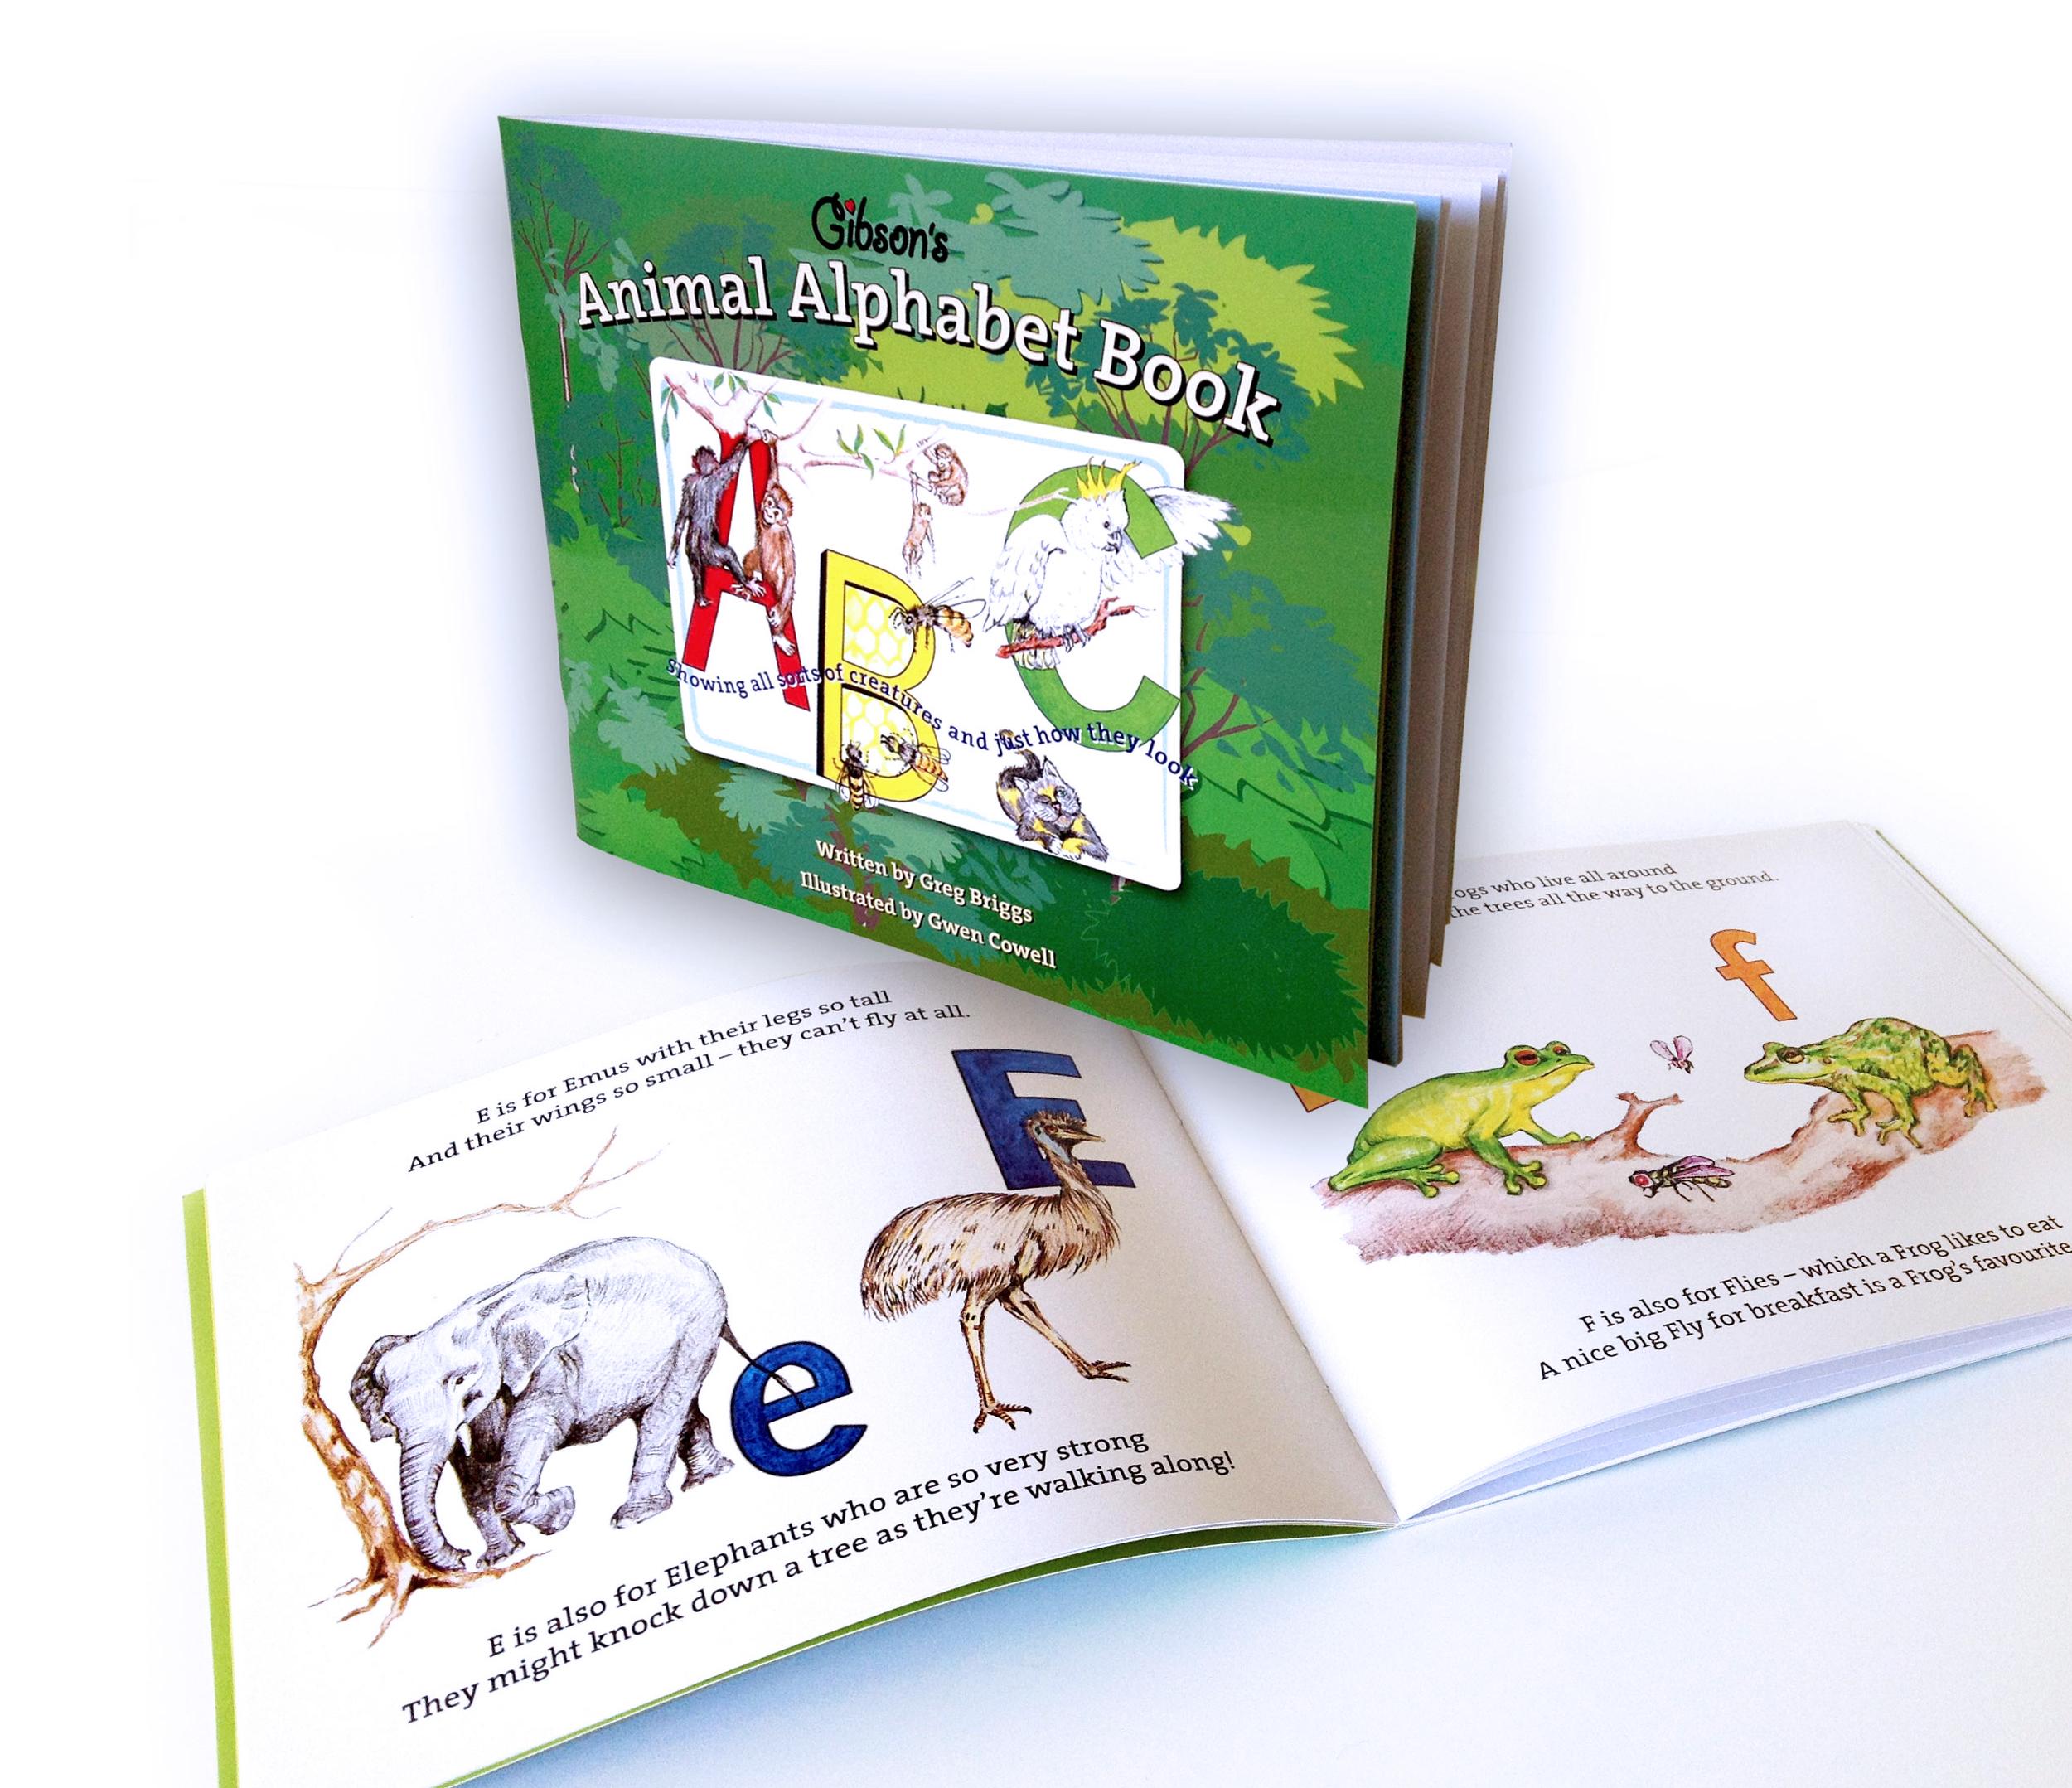 Book_cover_spread.jpg